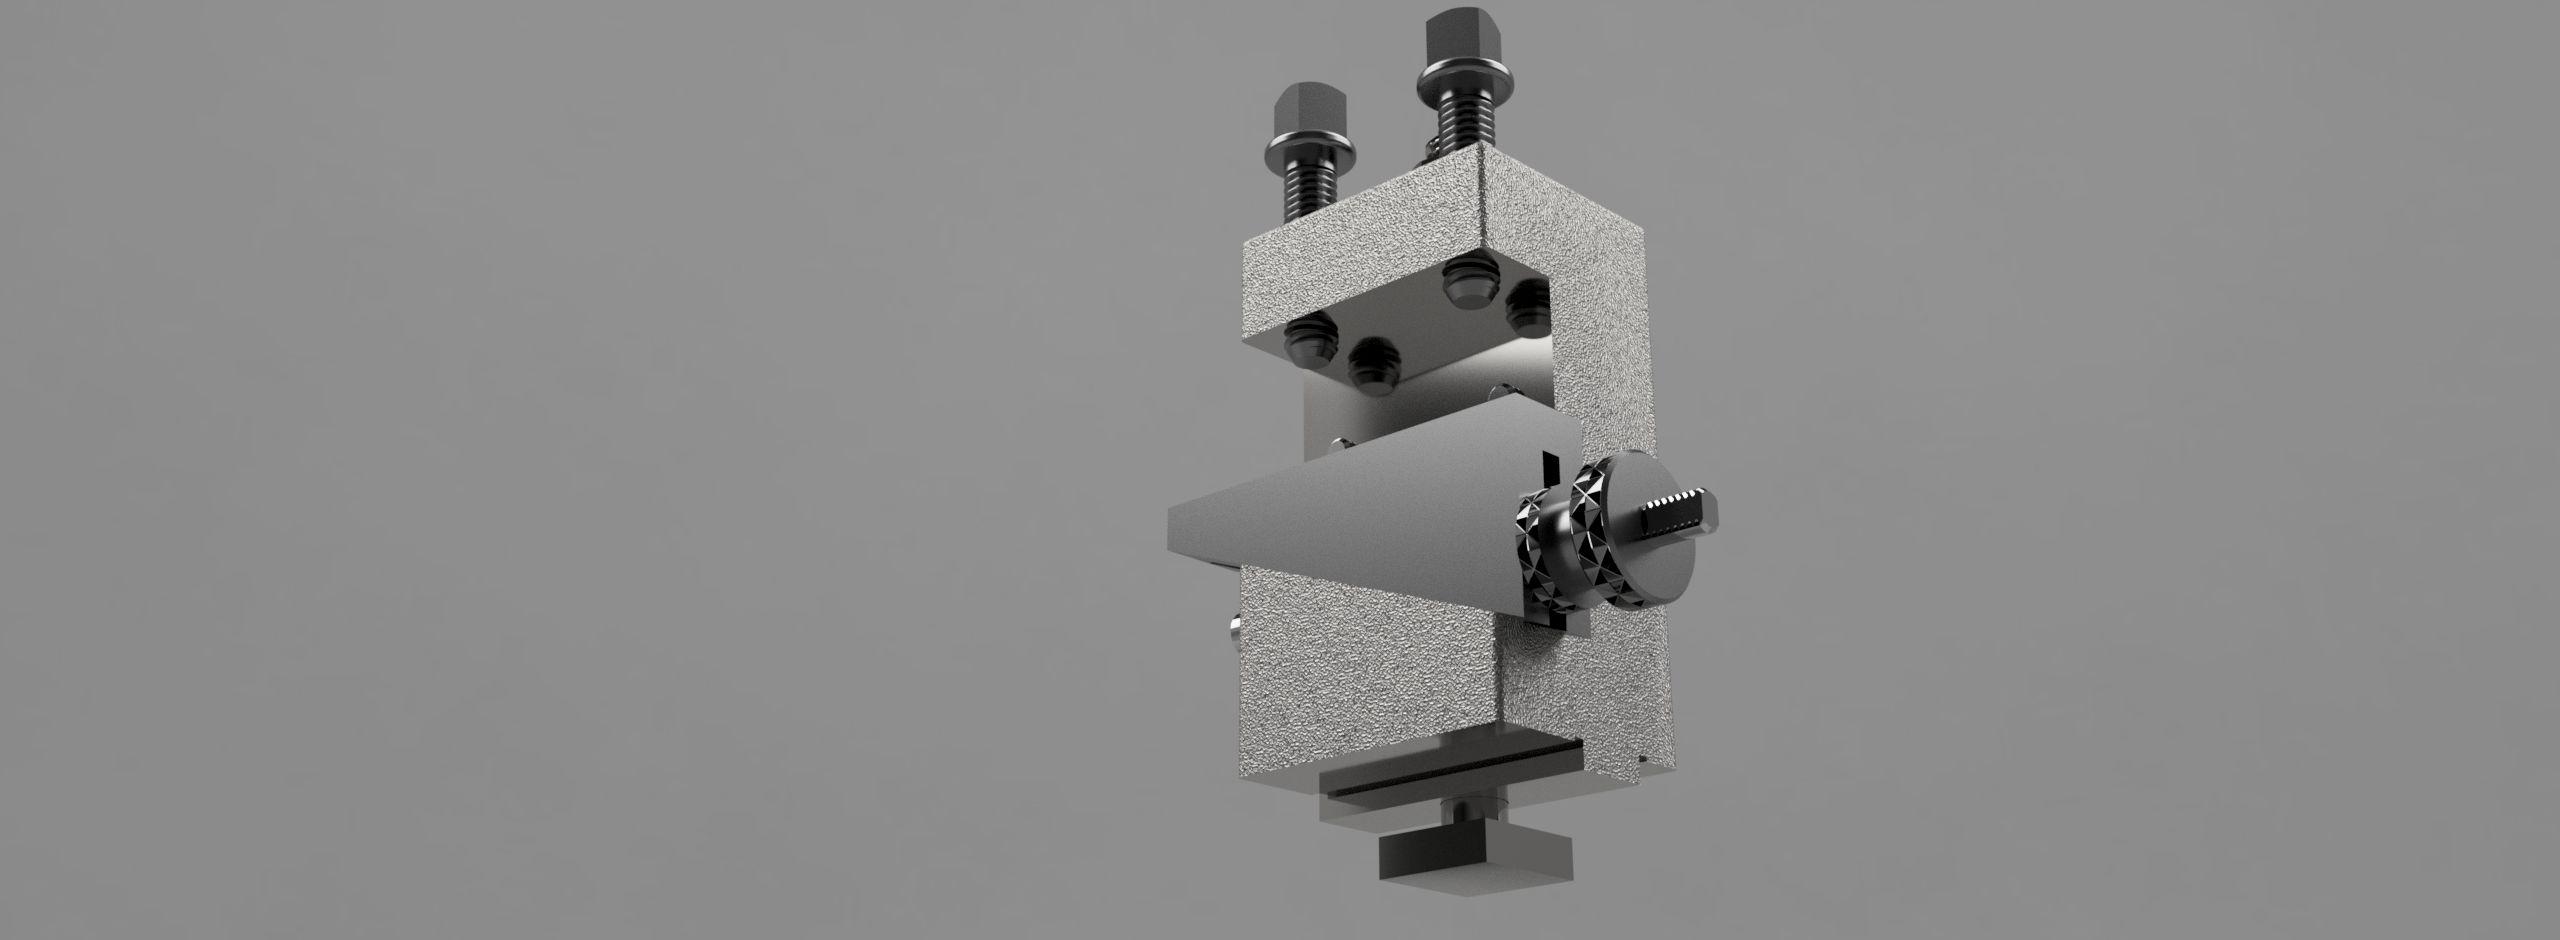 Tool-post-v12-a-3500-3500